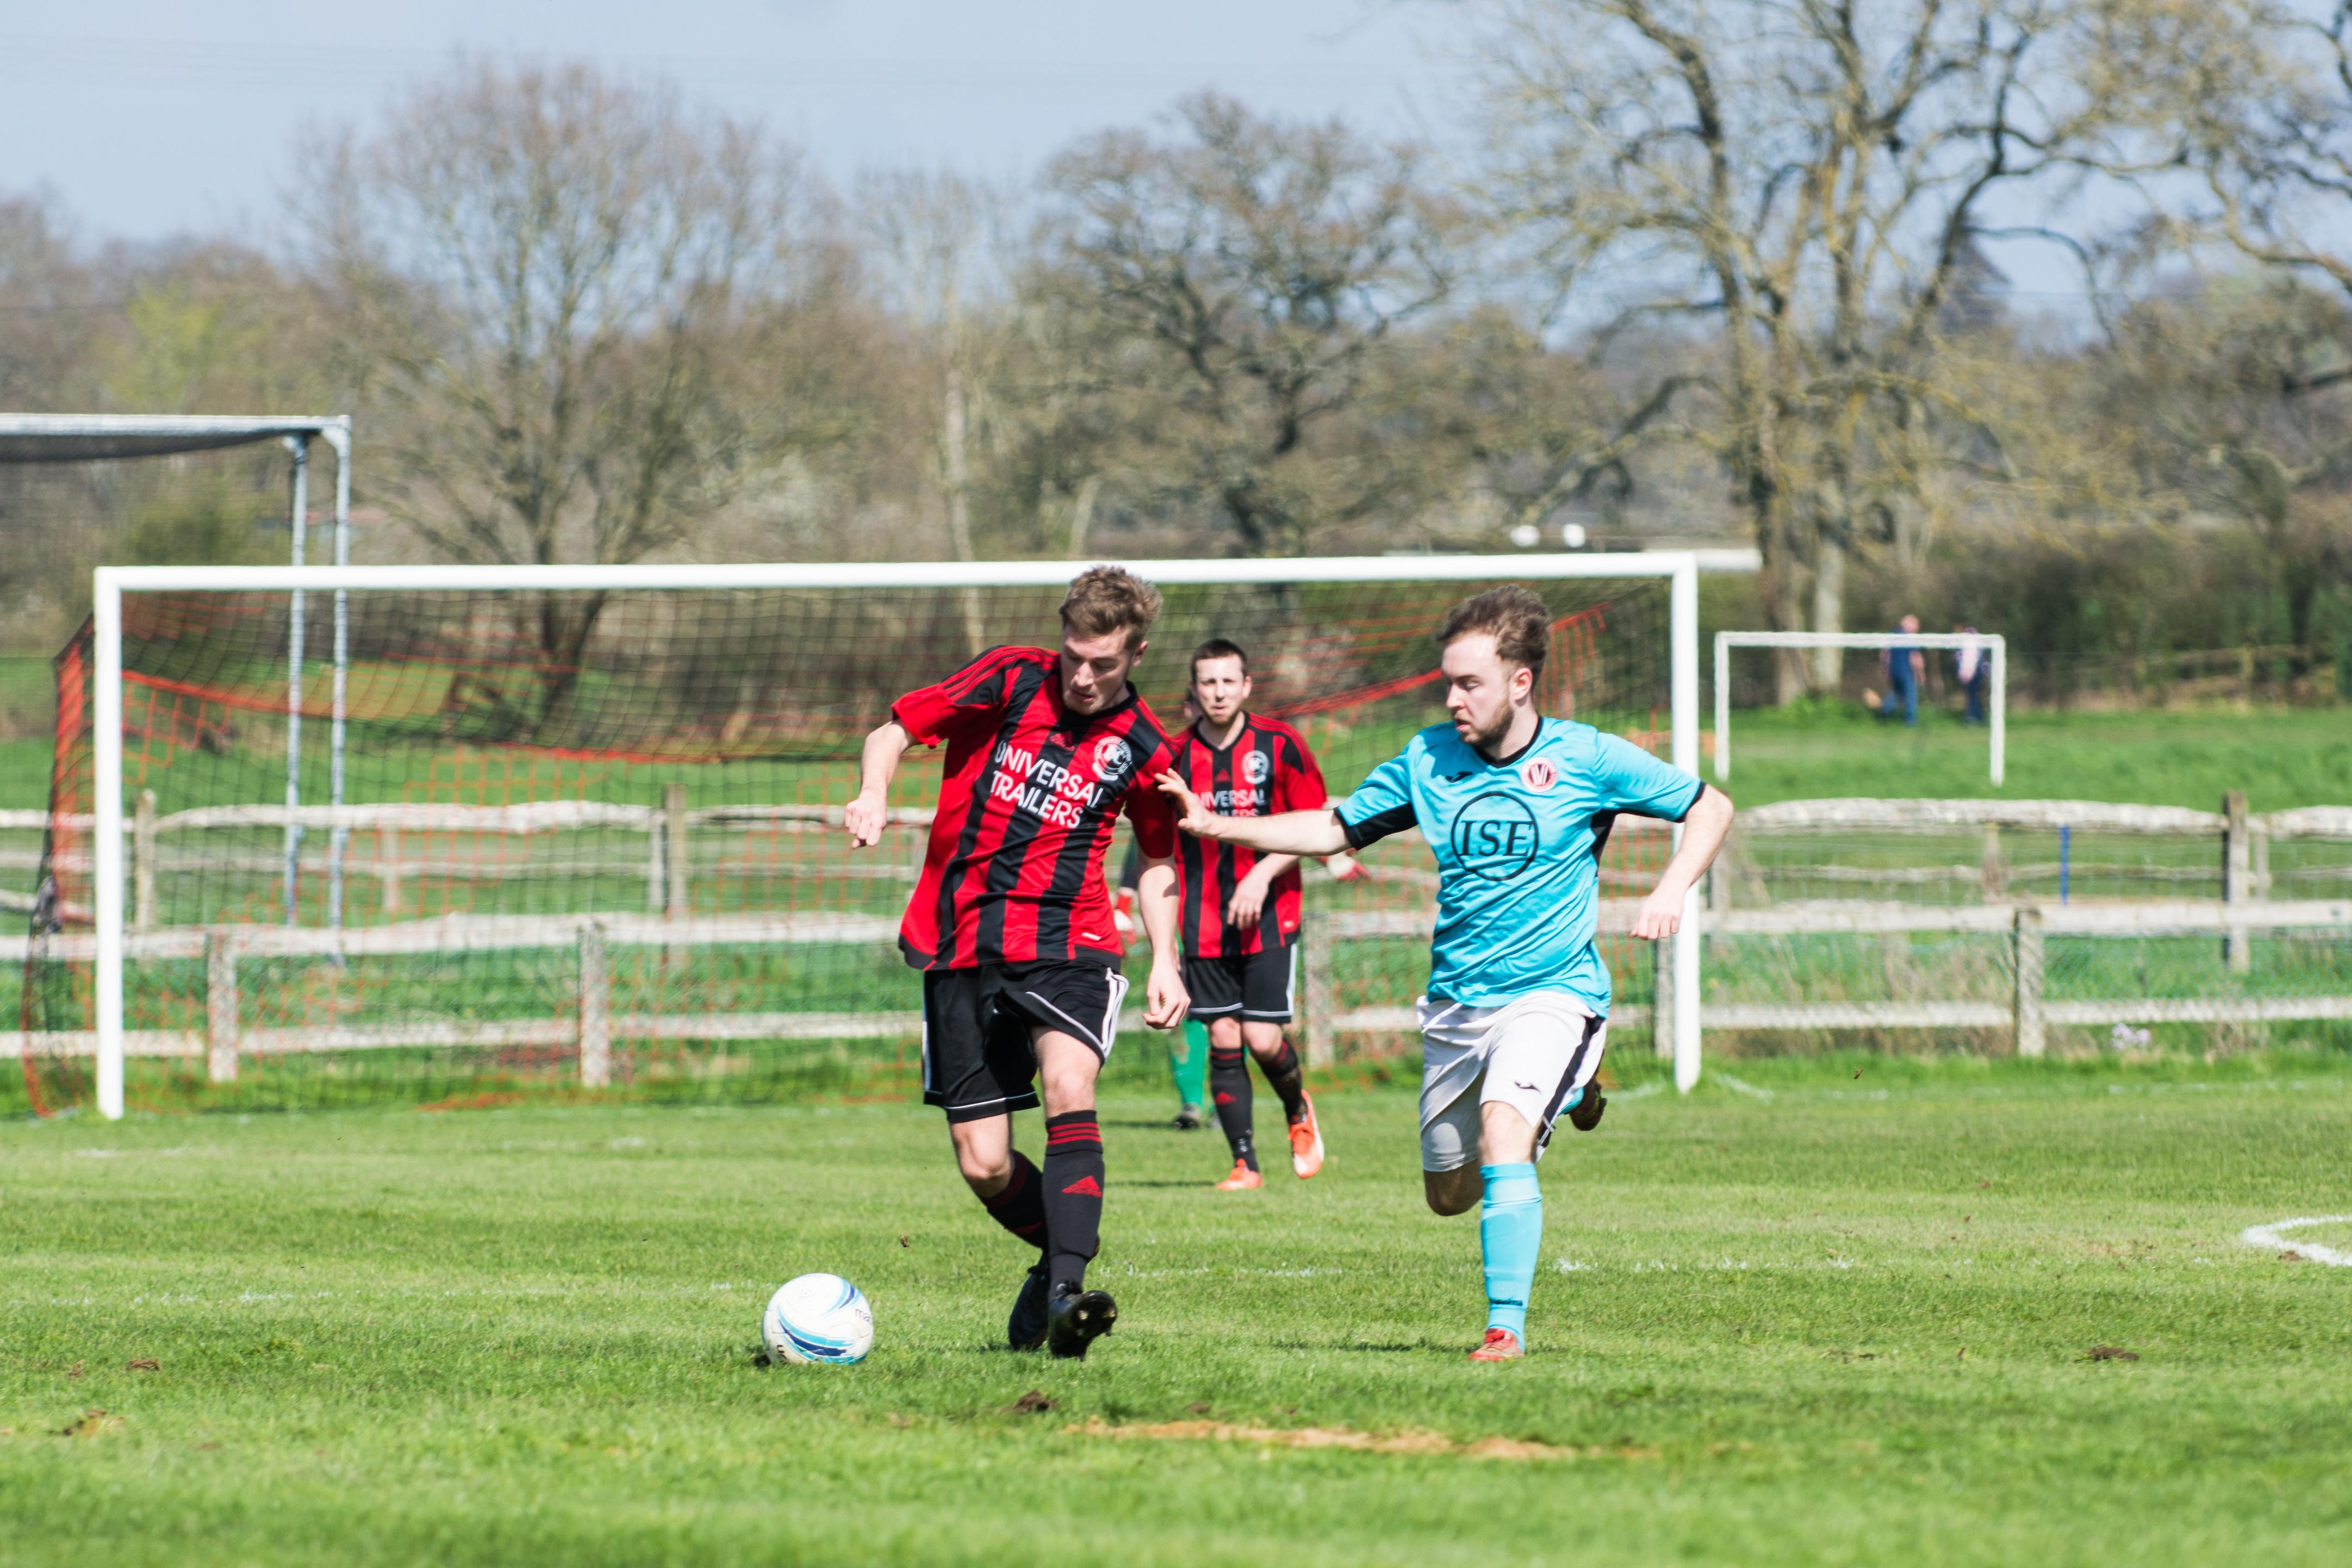 DAVID_JEFFERY Billingshurst FC vs AFC Varndeanians 14.04.18 32